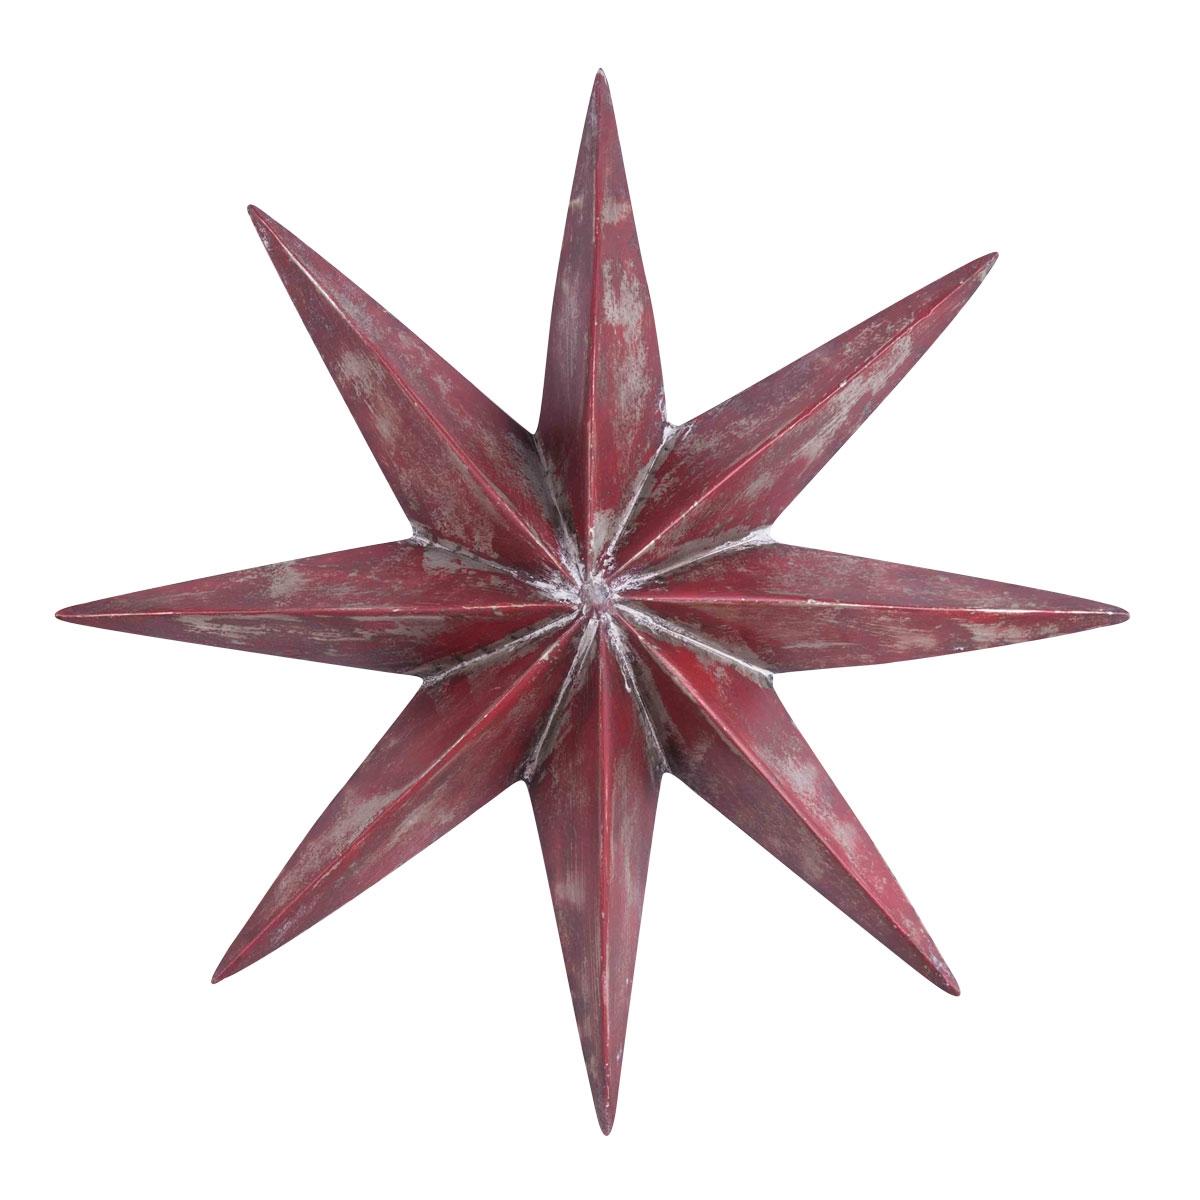 Metal Star Wall Art metal star wall art | plum & post